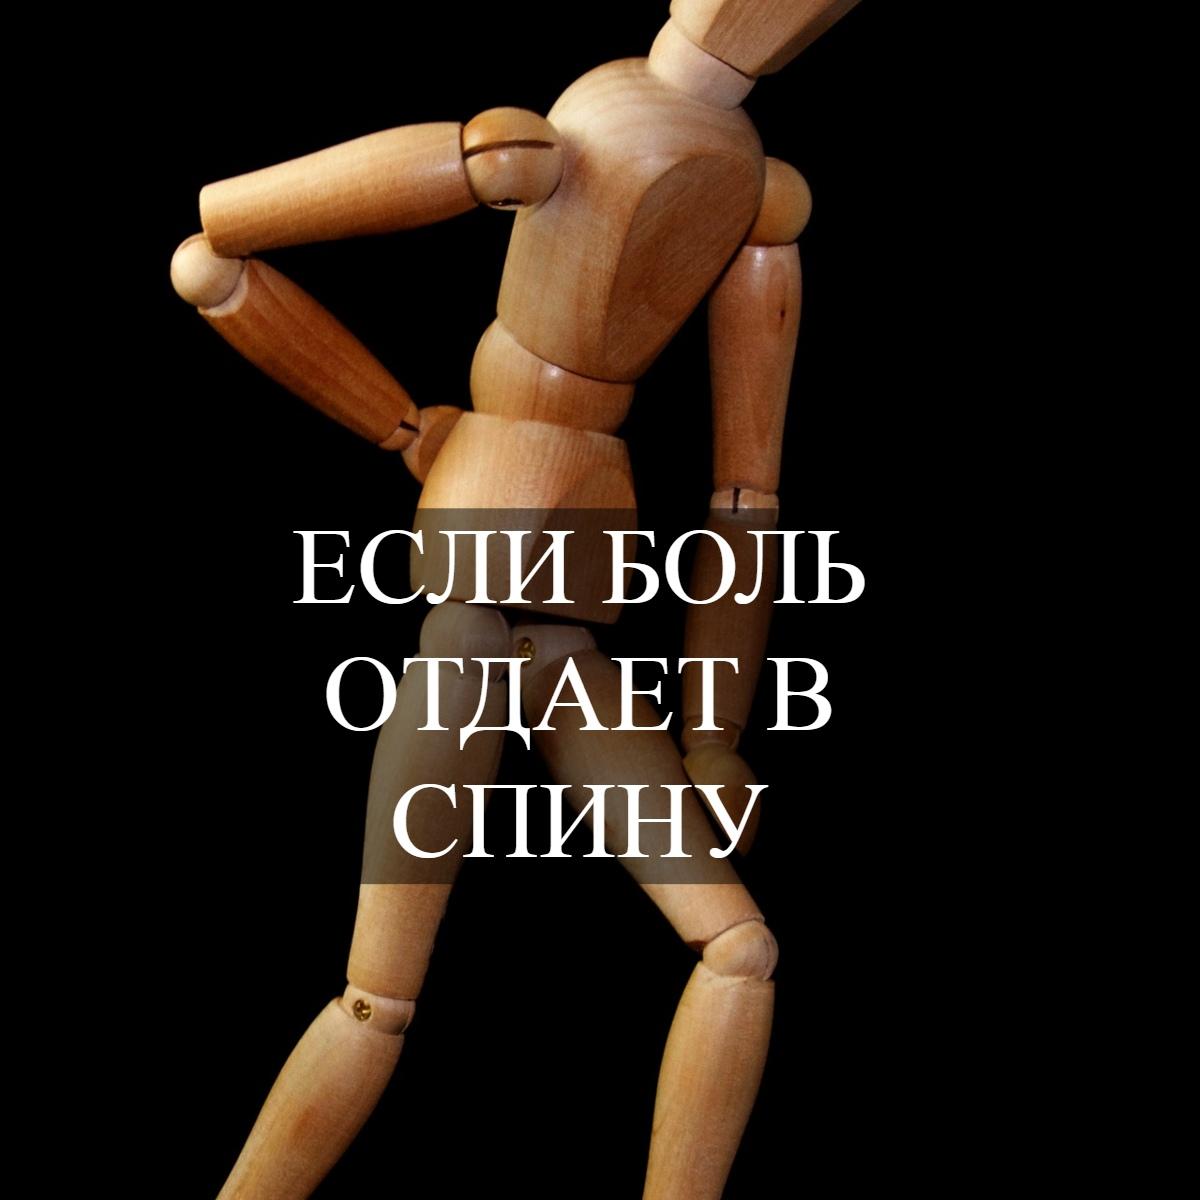 Если боль в правом подреберье отдает в спину